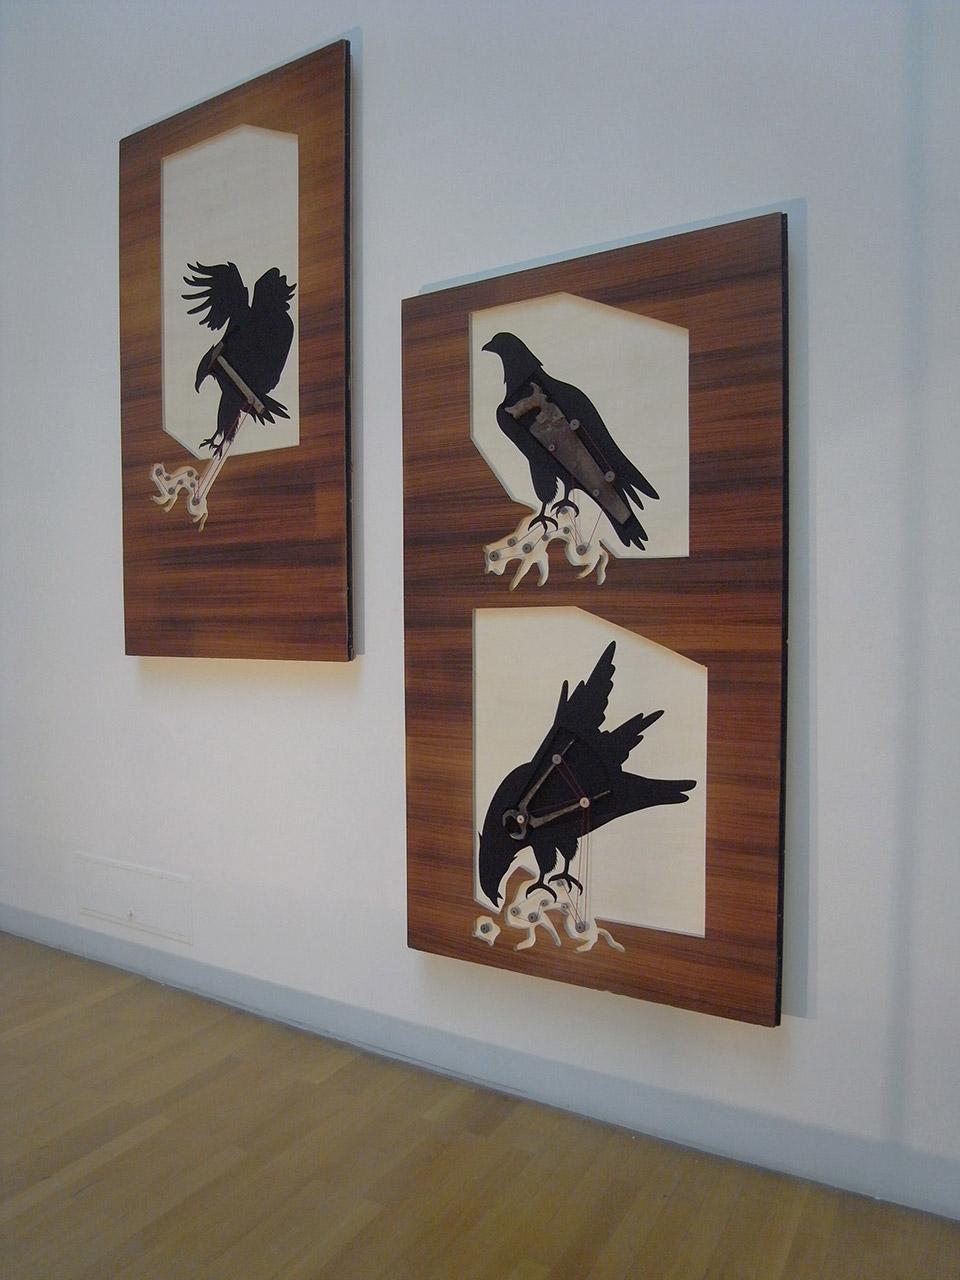 Yves-Netzhammer-Kunsthalle-Winterthur-2009-3.jpg